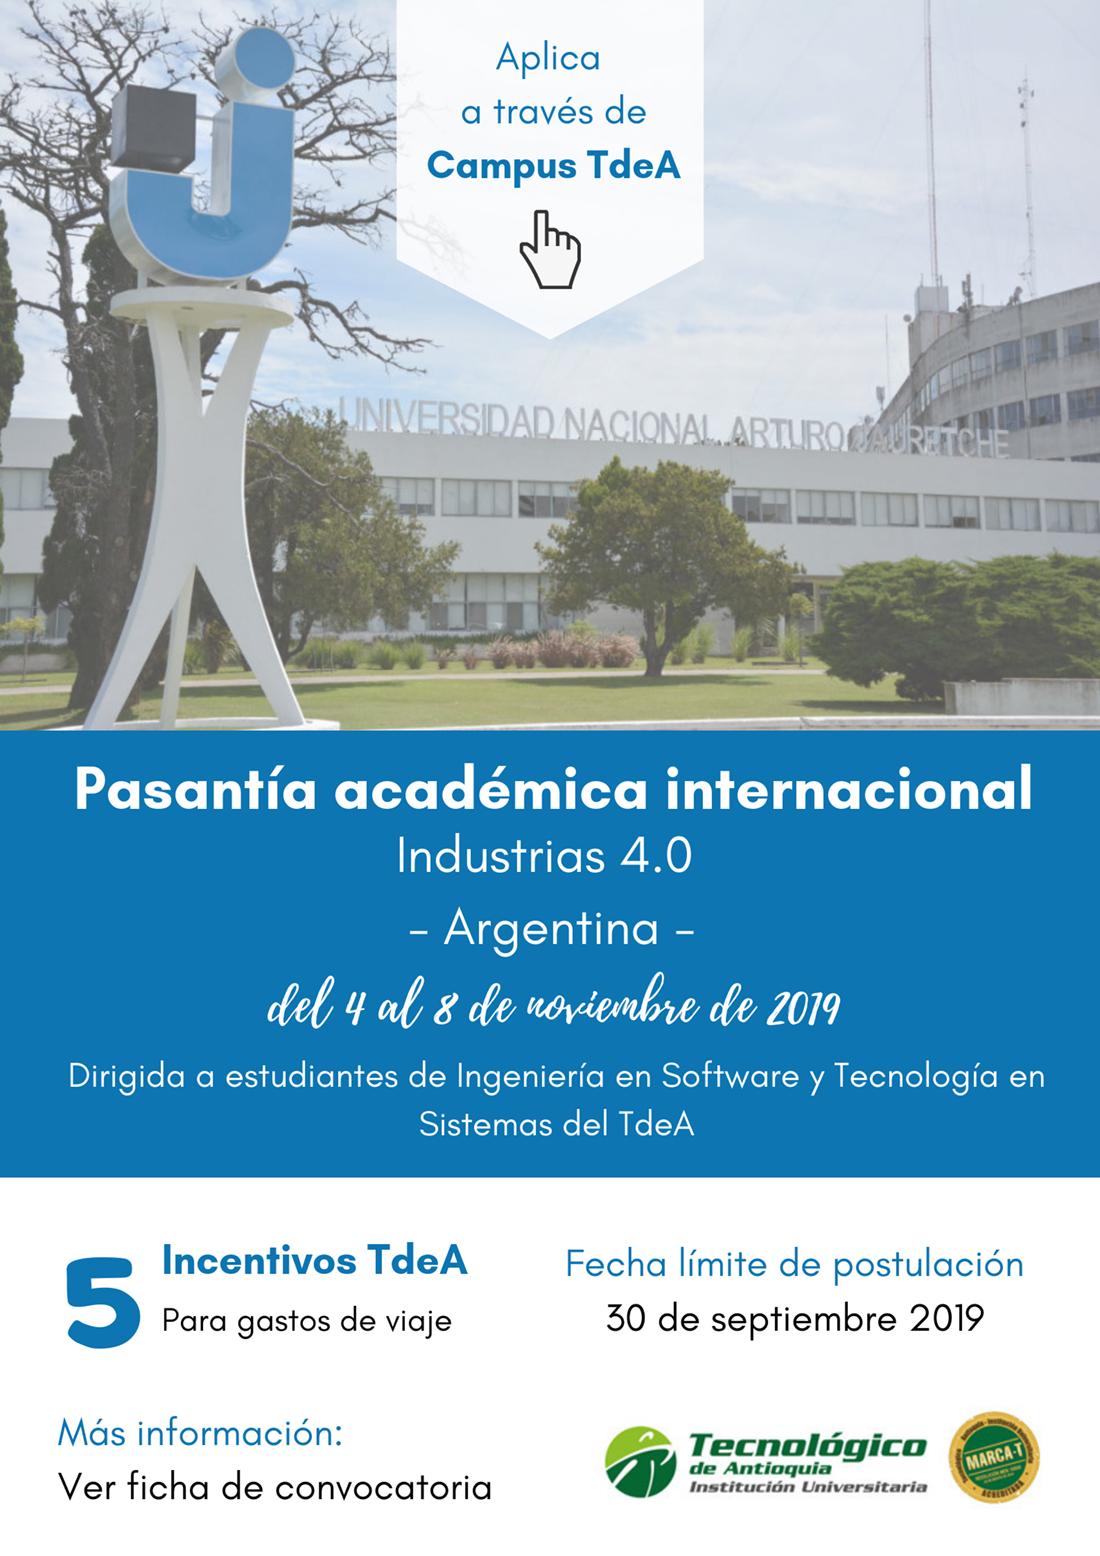 Pasantía académica internacional Industrias 4.0